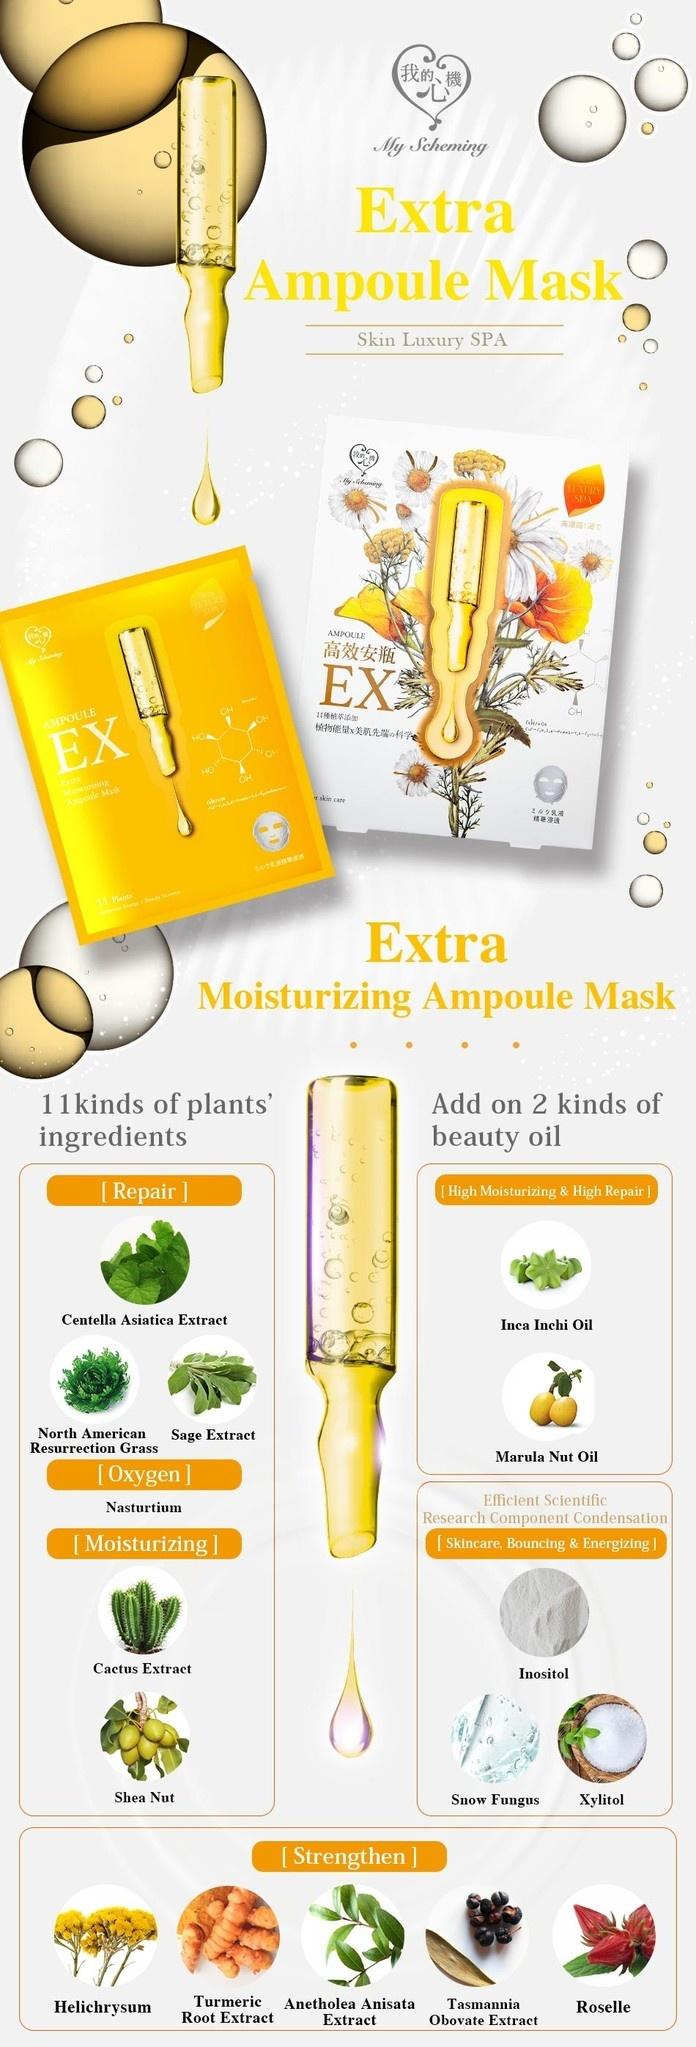 Extra Ampoule Mask 4x4 Trial Mix (16 pcs)-3